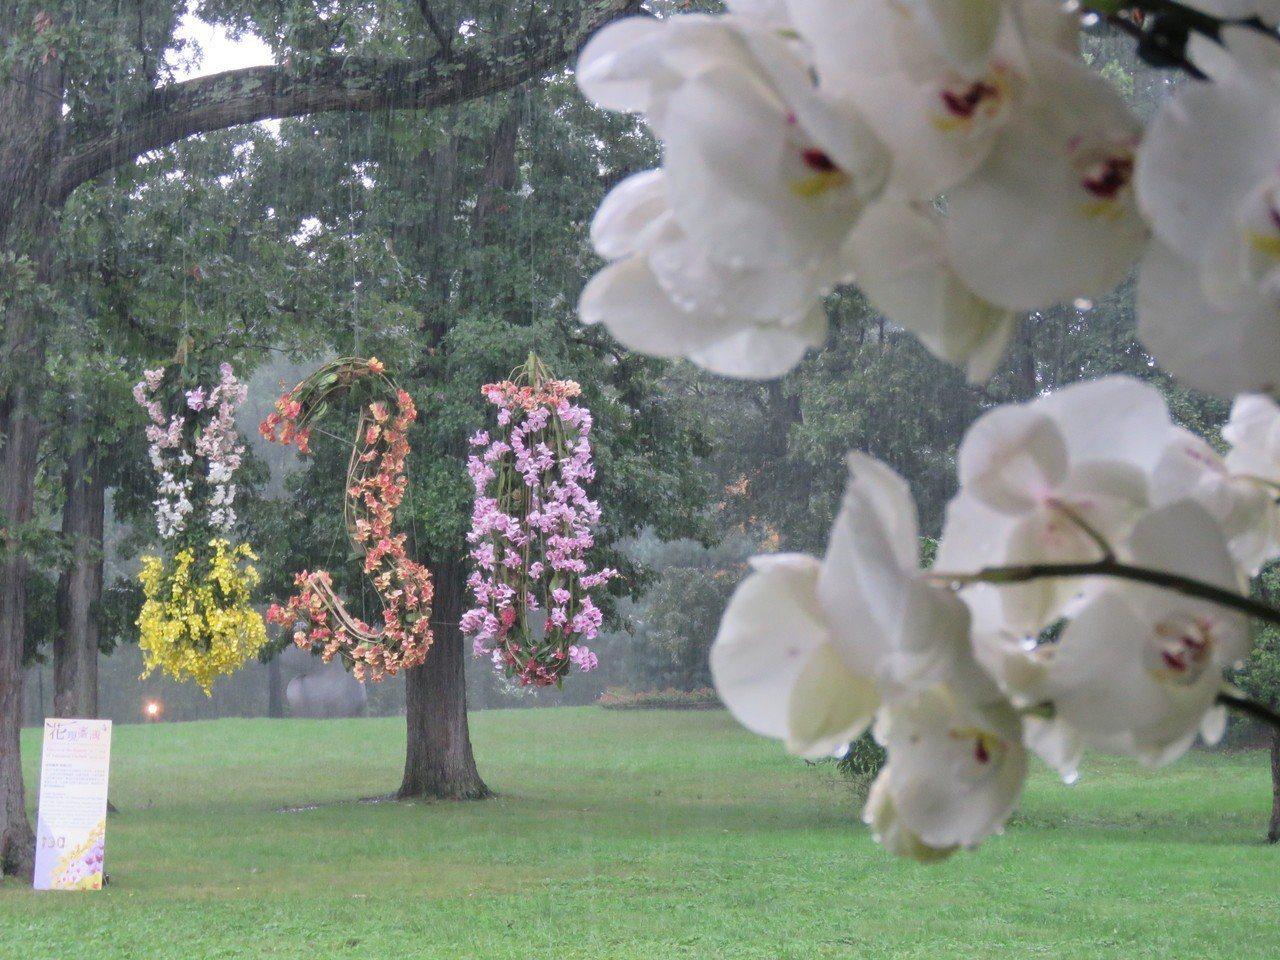 雙橡園舉行「花現台灣」蘭花展,裝飾出130字樣,以慶祝雙橡園130周年。華盛頓記...